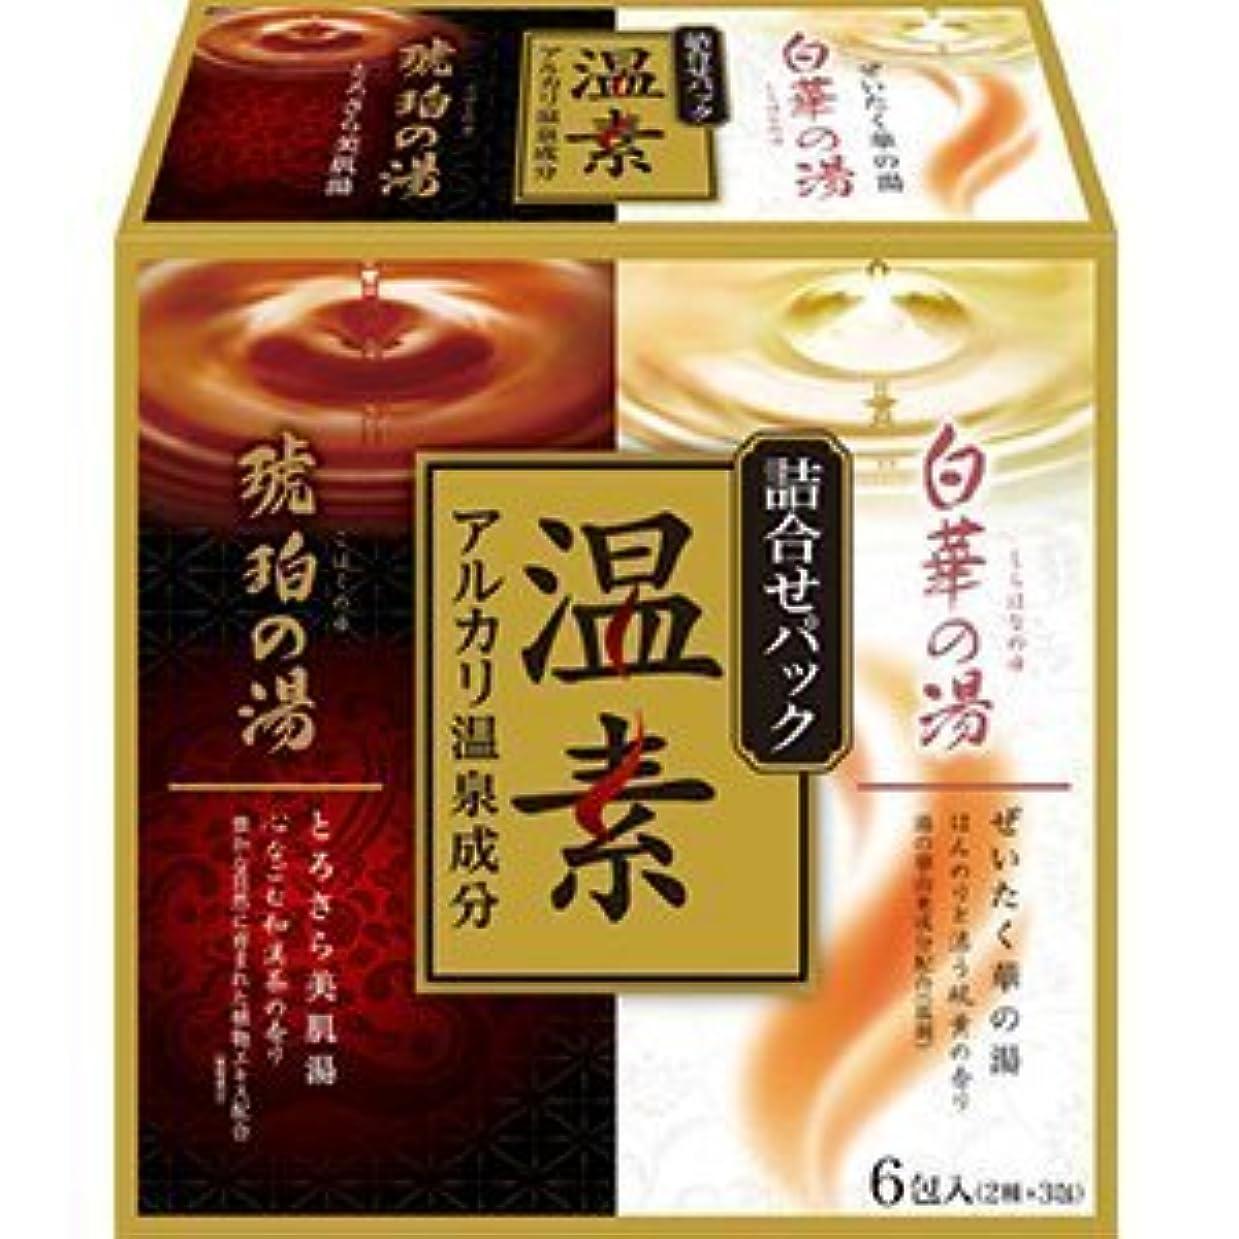 拒否無意識こどもセンター温素 琥珀の湯&白華の湯 詰合せパック × 10個セット